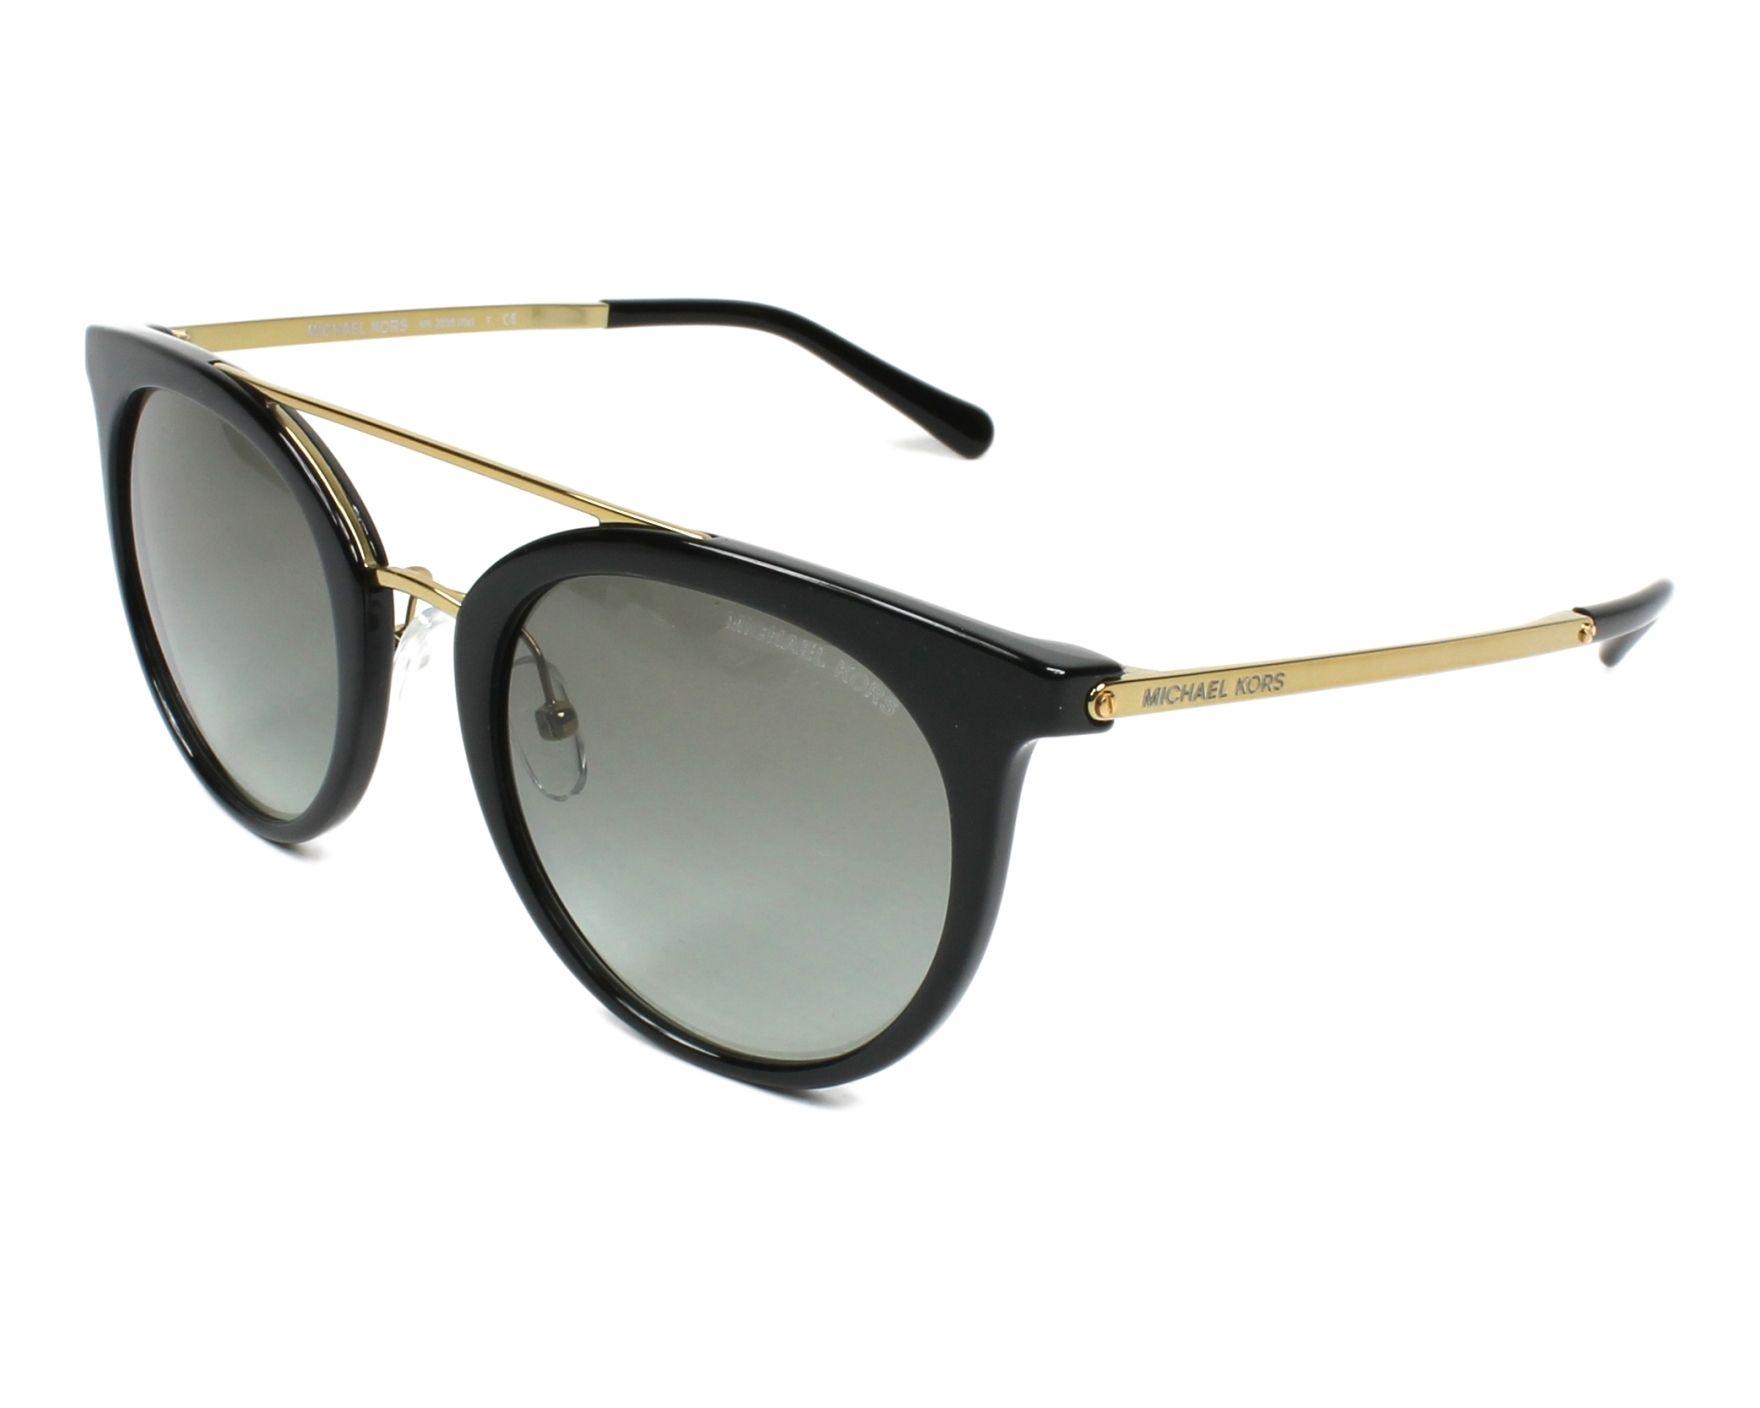 lunettes de soleil michael kors mk 2056 326911 noir avec des verres. Black Bedroom Furniture Sets. Home Design Ideas